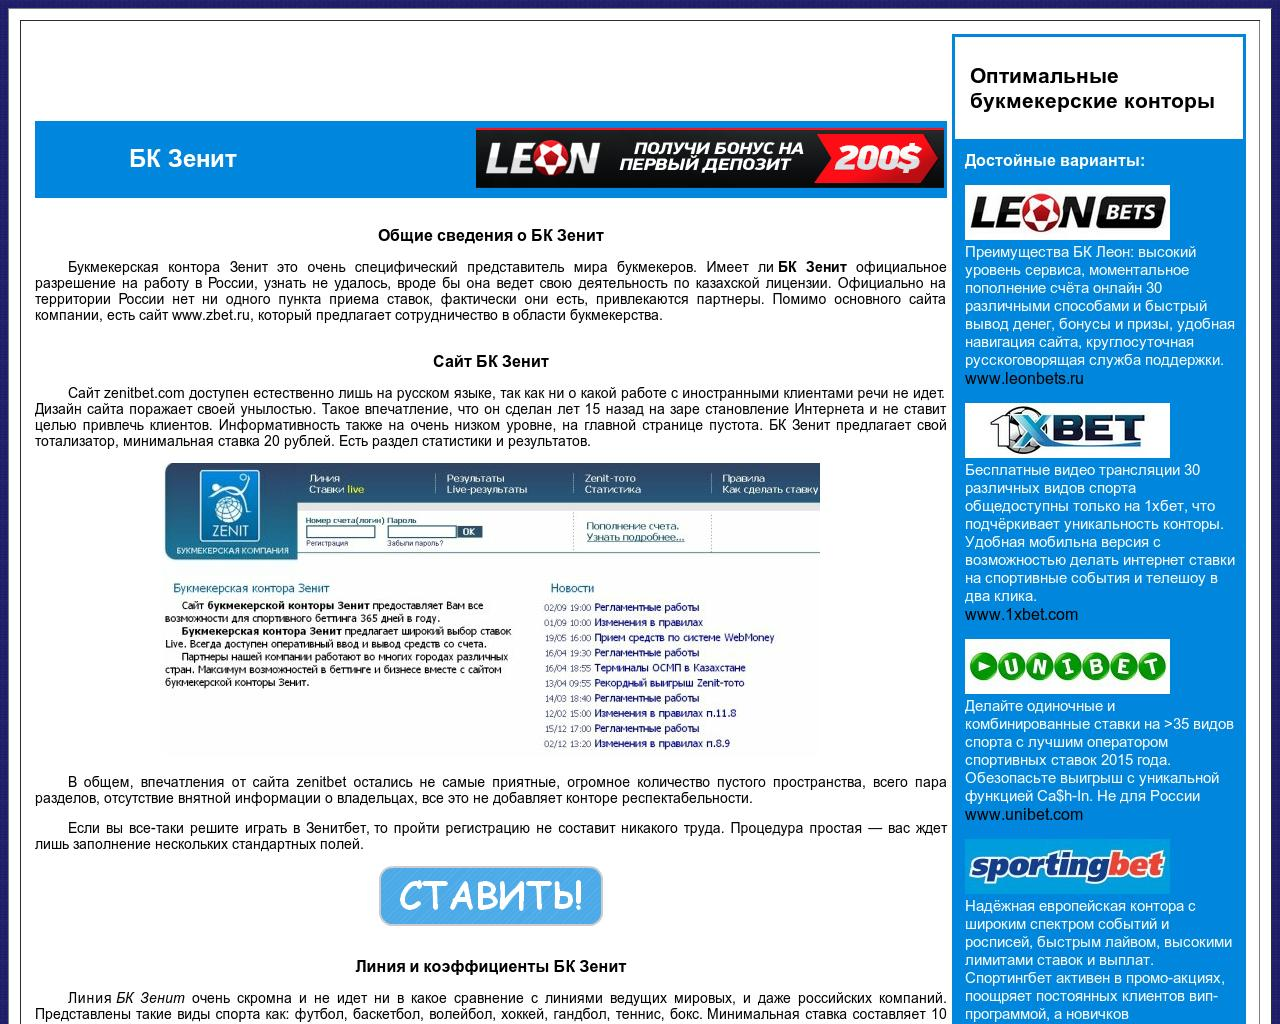 Бк зенит доступ к сайту через зеркало